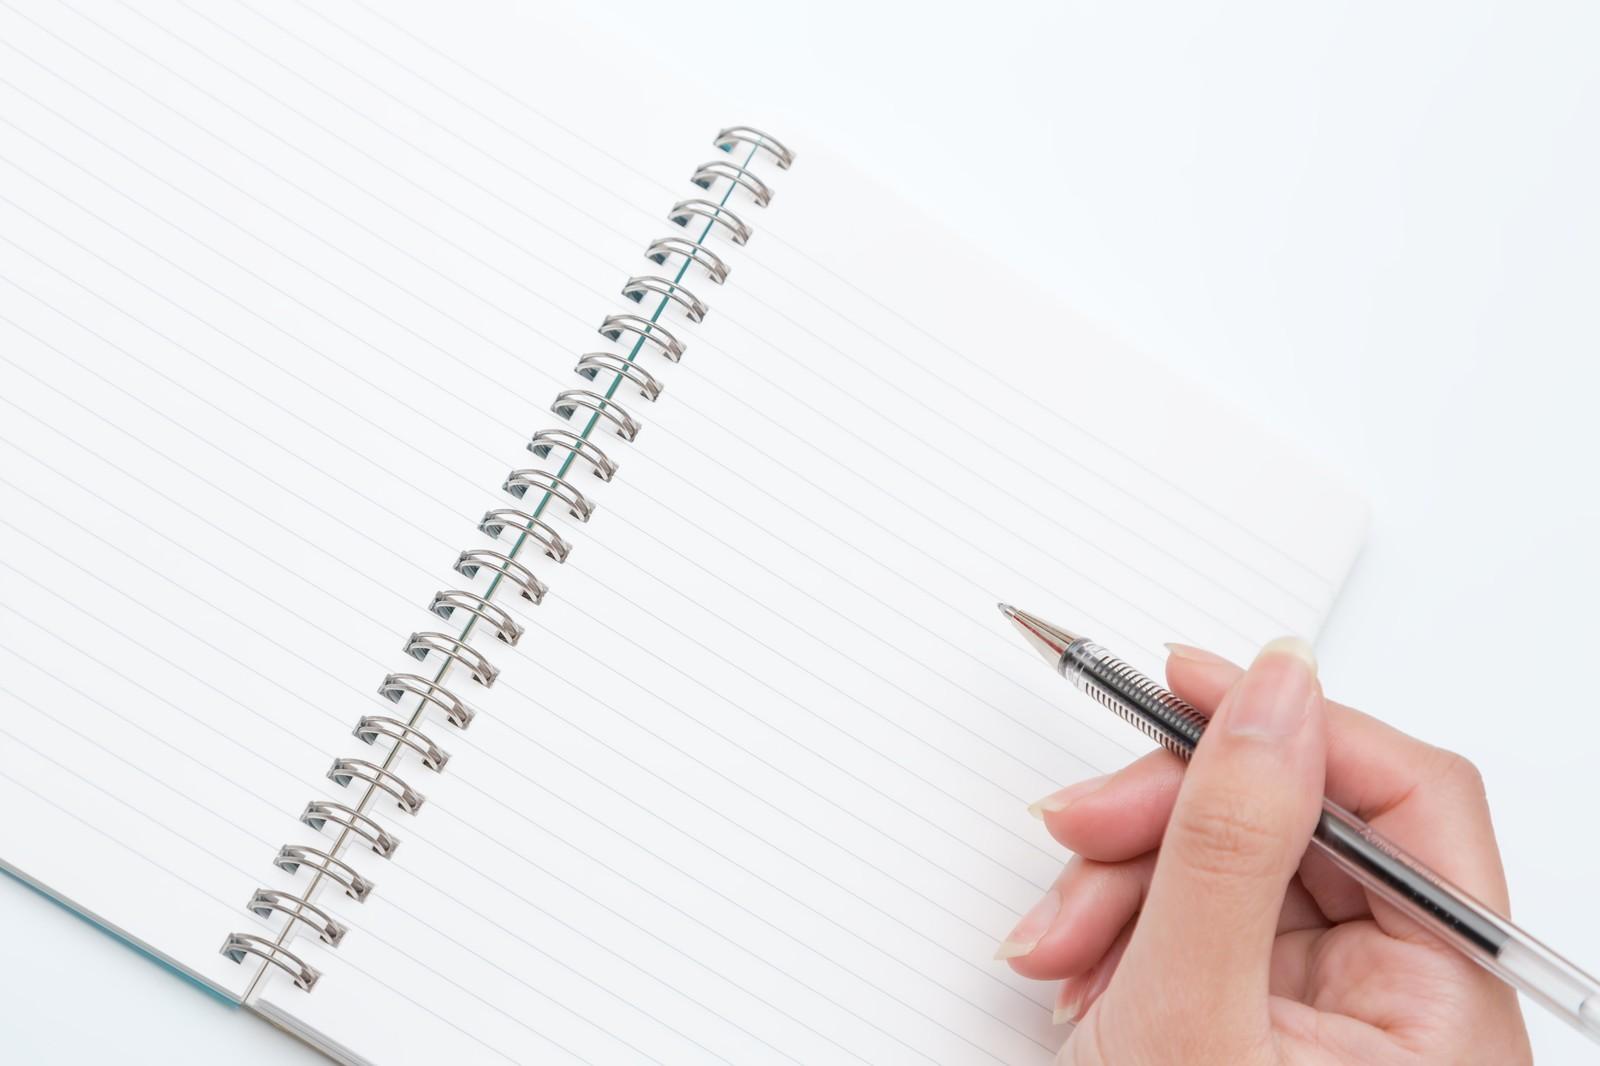 大学受験の不安の解消法「不安なことを書きだしてみる」